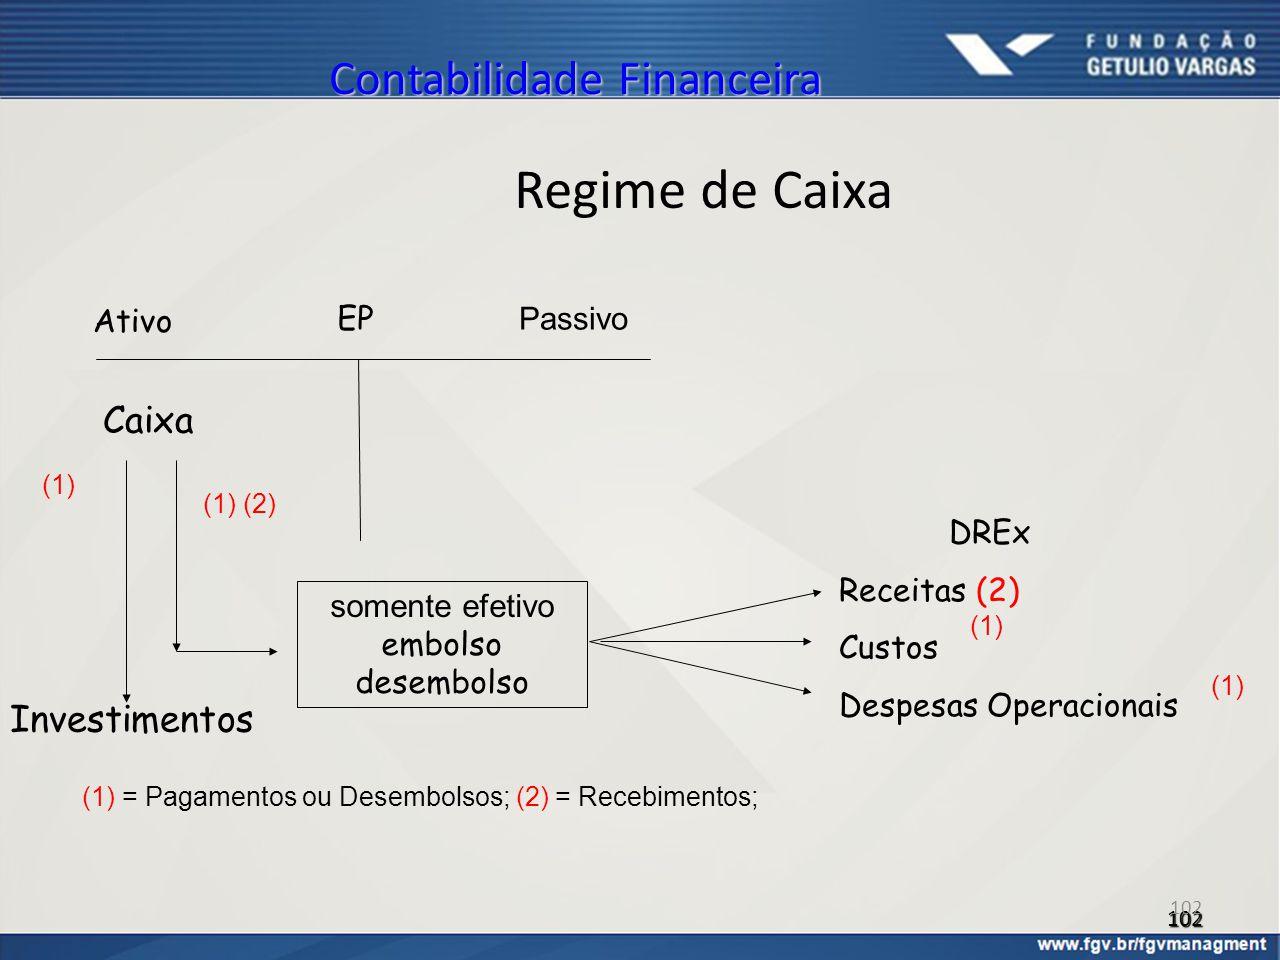 102 Contabilidade Financeira Regime de Caixa EP Caixa DREx Receitas (2) Custos Despesas Operacionais somente efetivo embolso desembolso Ativo Passivo